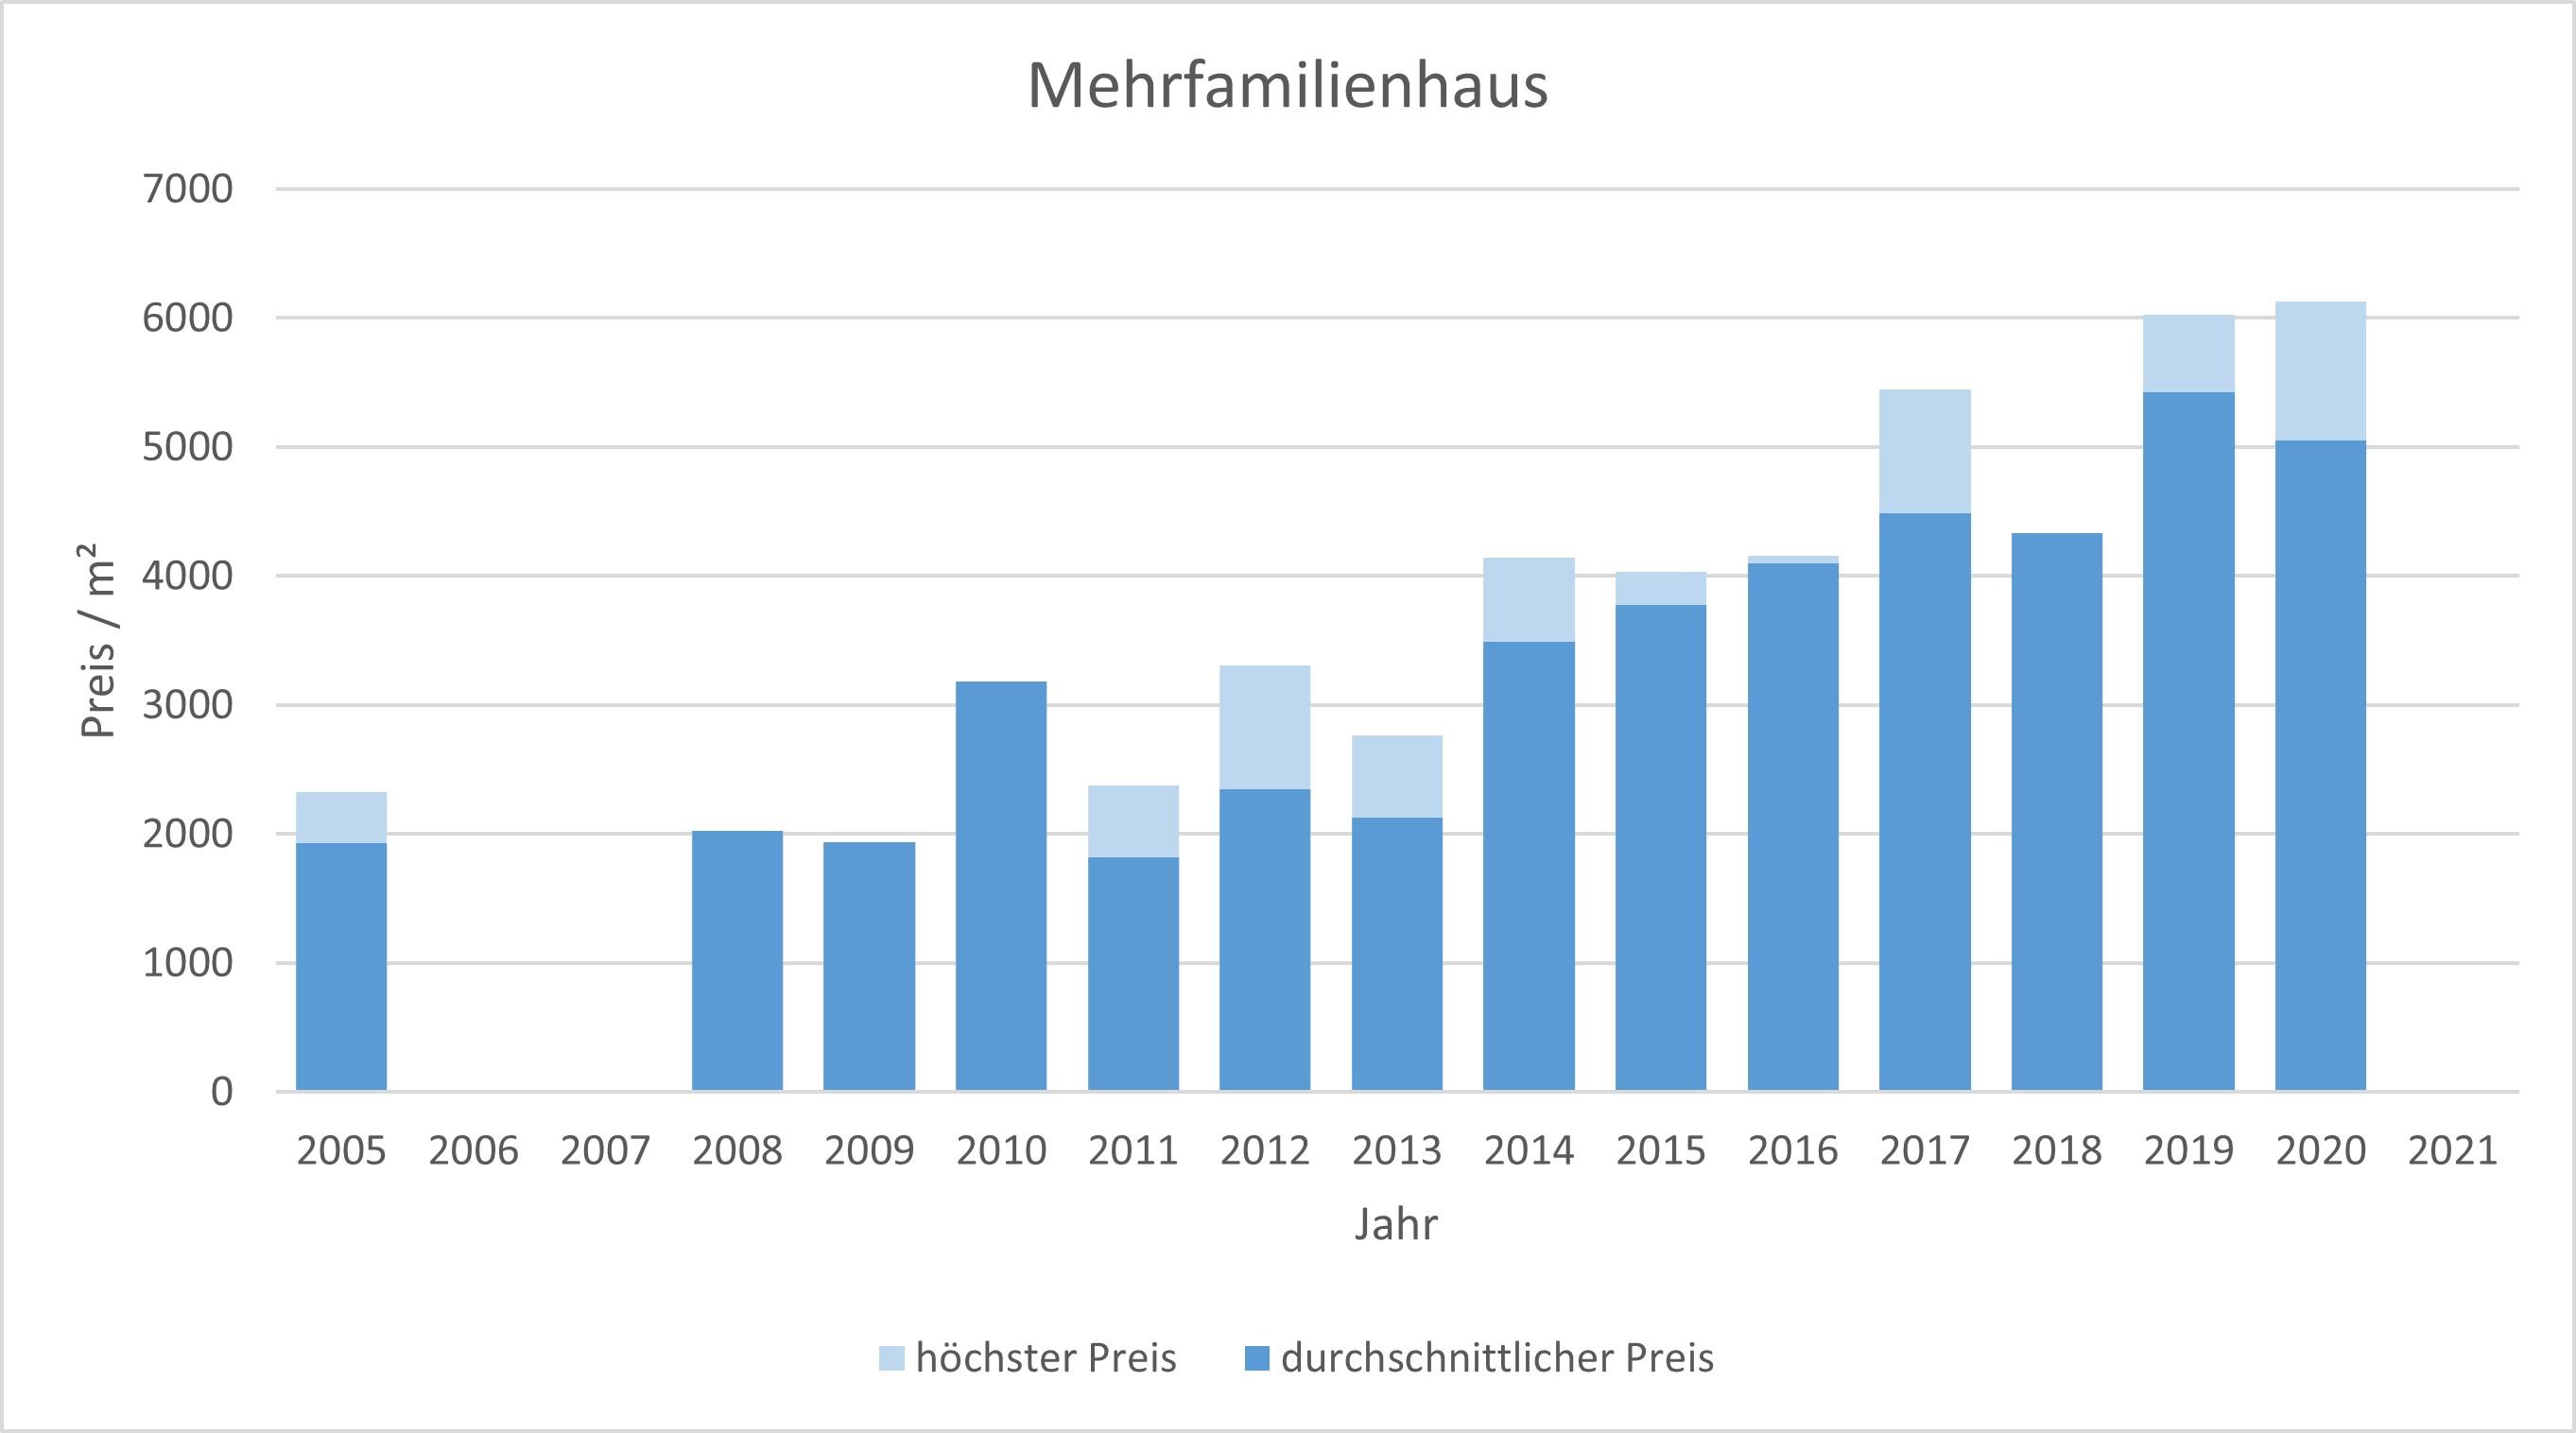 Zorneding Mehrfamilienhaus kaufen verkaufen Preis Bewertung Makler 2019 2020 2021 www.happy-immo.de